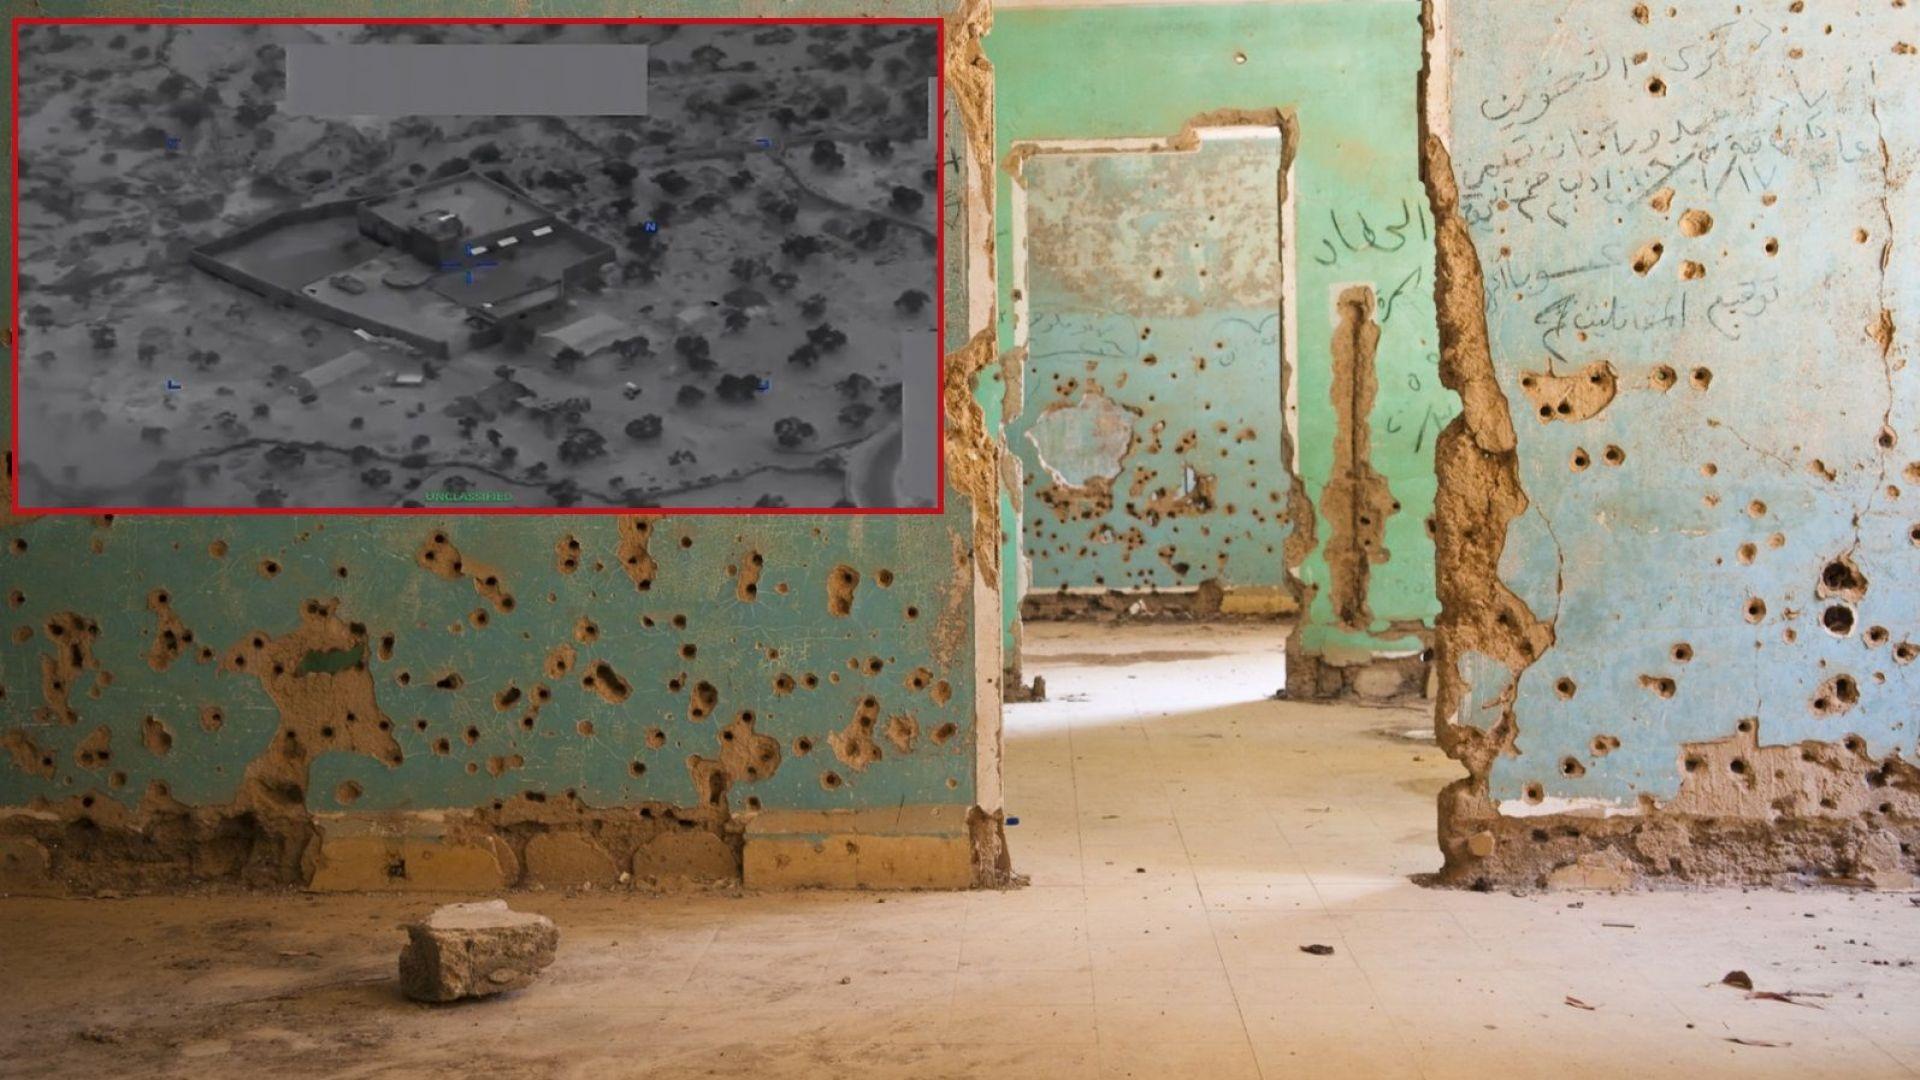 """Първи кадри от ликвидирането на лидера на """"Ислямска държава"""" Ал Багдади (видео)"""